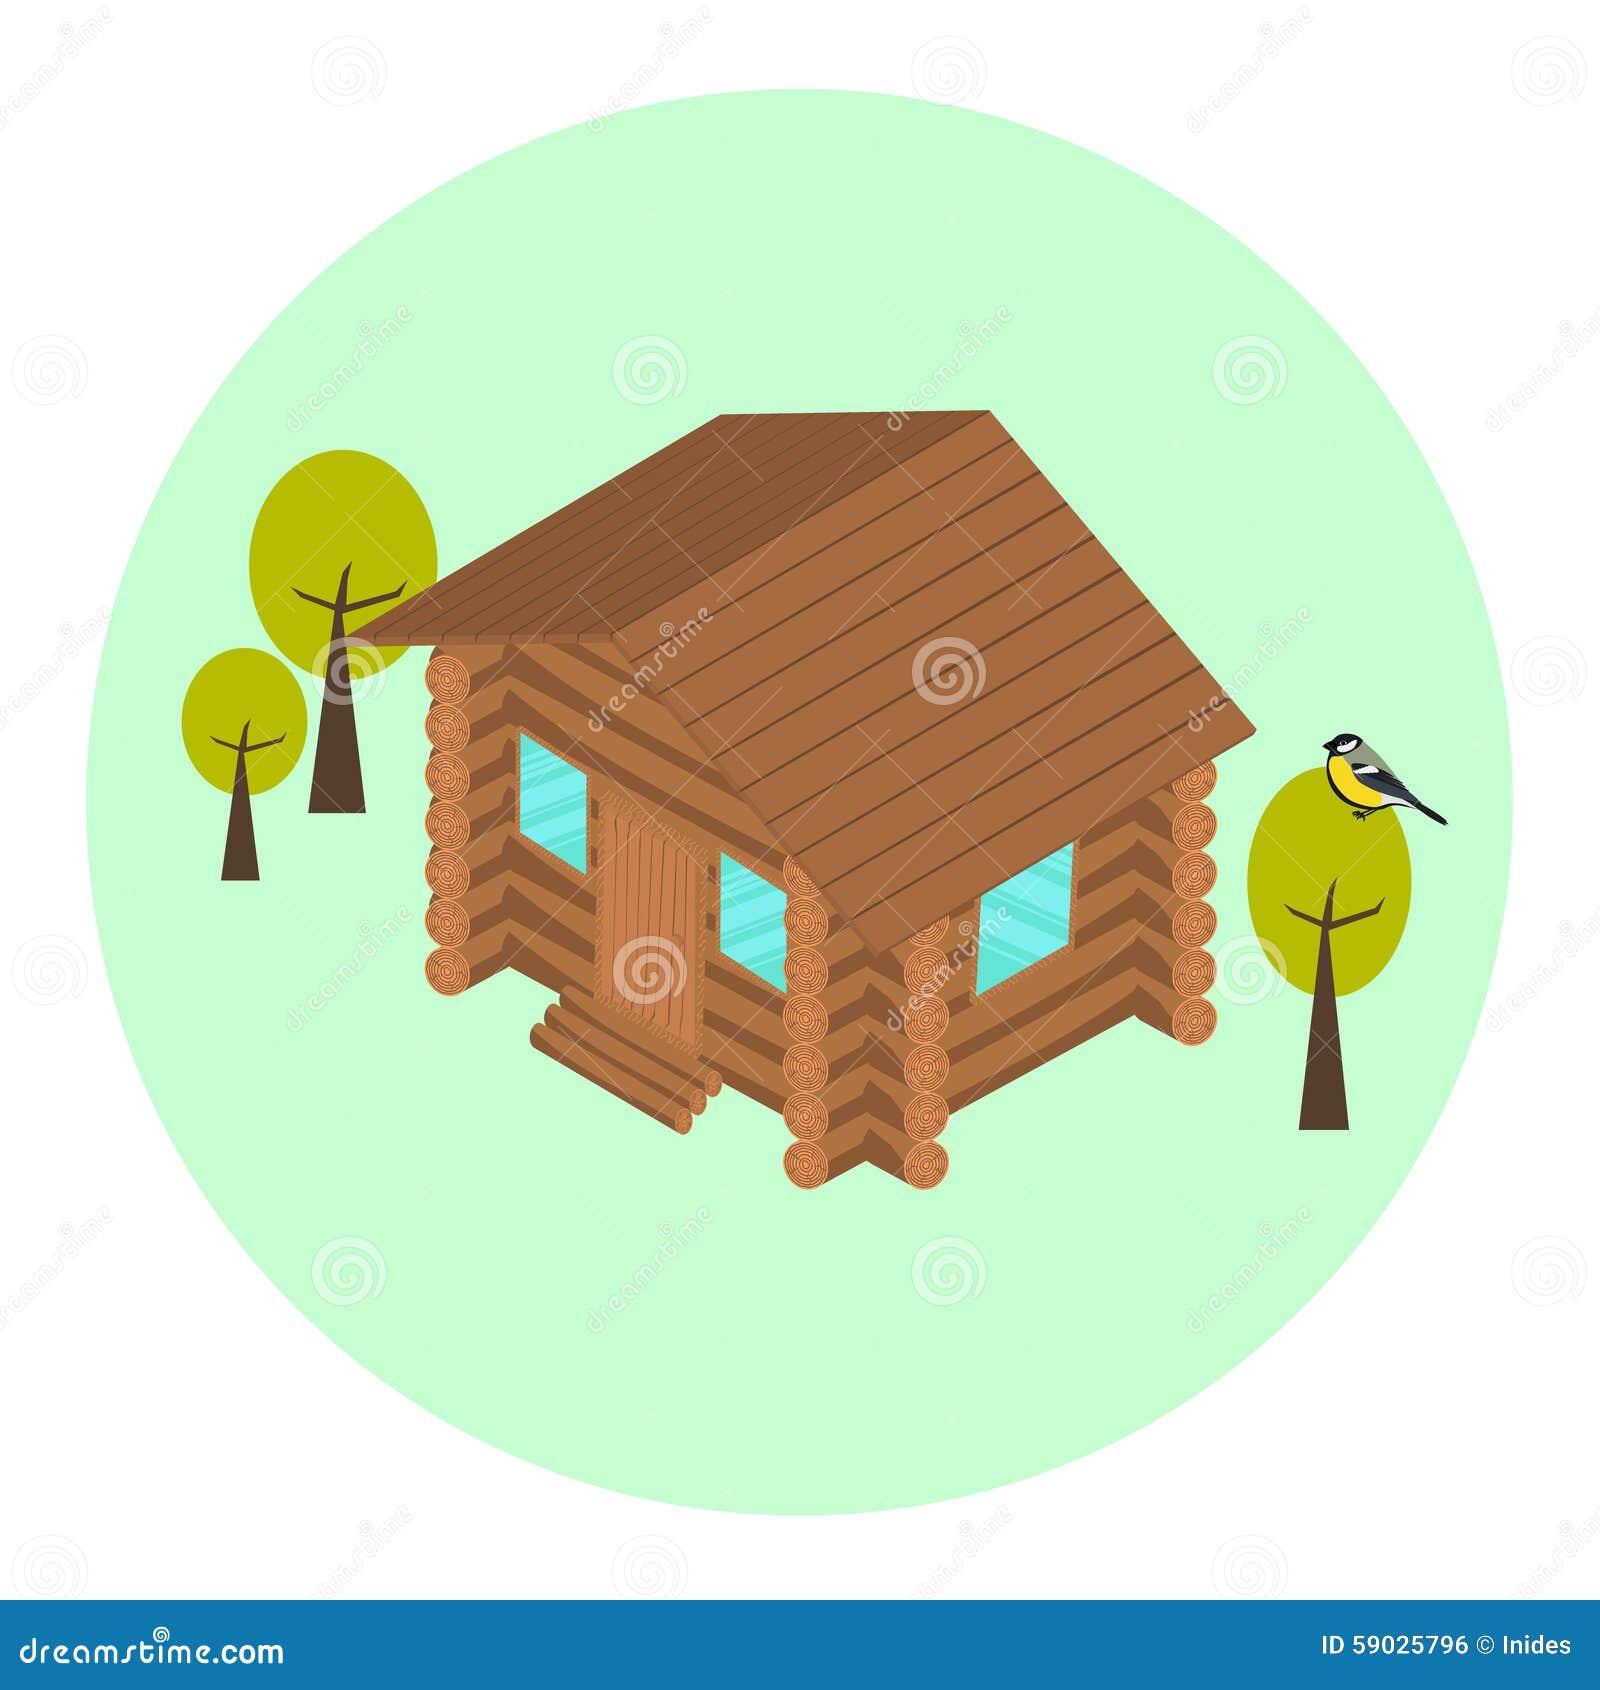 Icona isometrica della casa del ceppo di legno for Piani moderni della cabina di ceppo